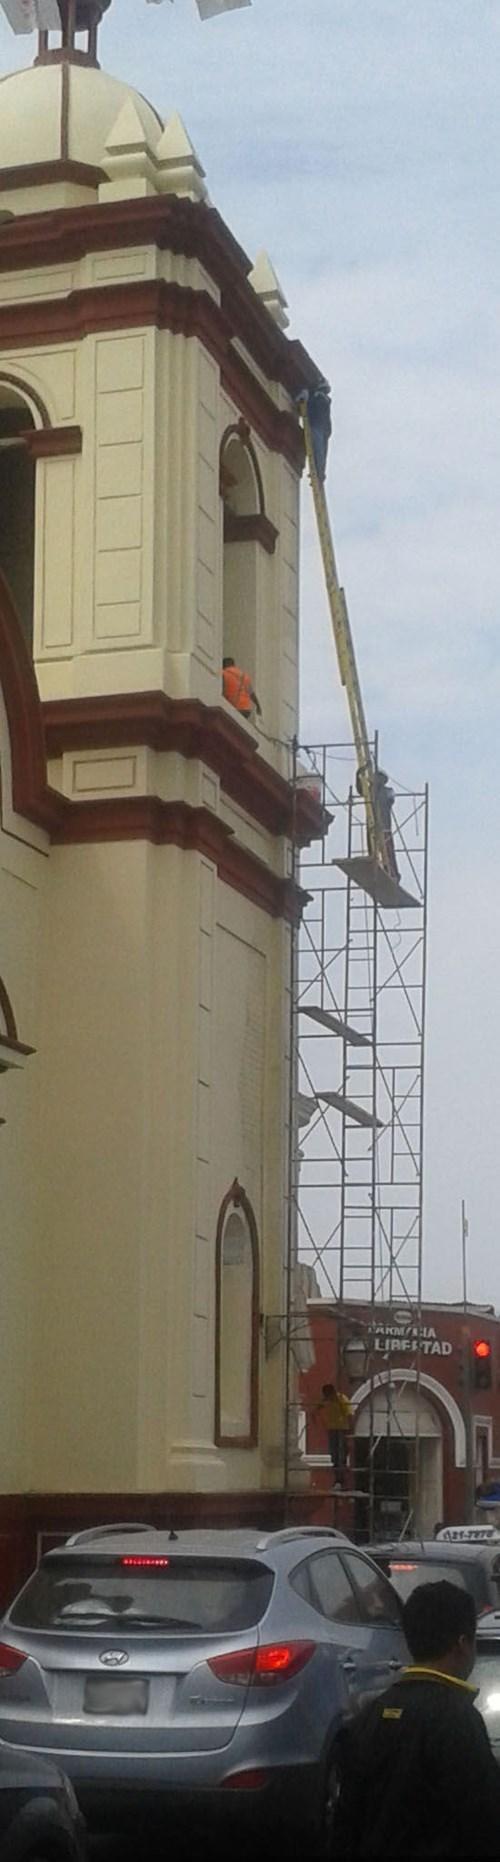 ladder scaffolding monday thru friday work - 8096686336